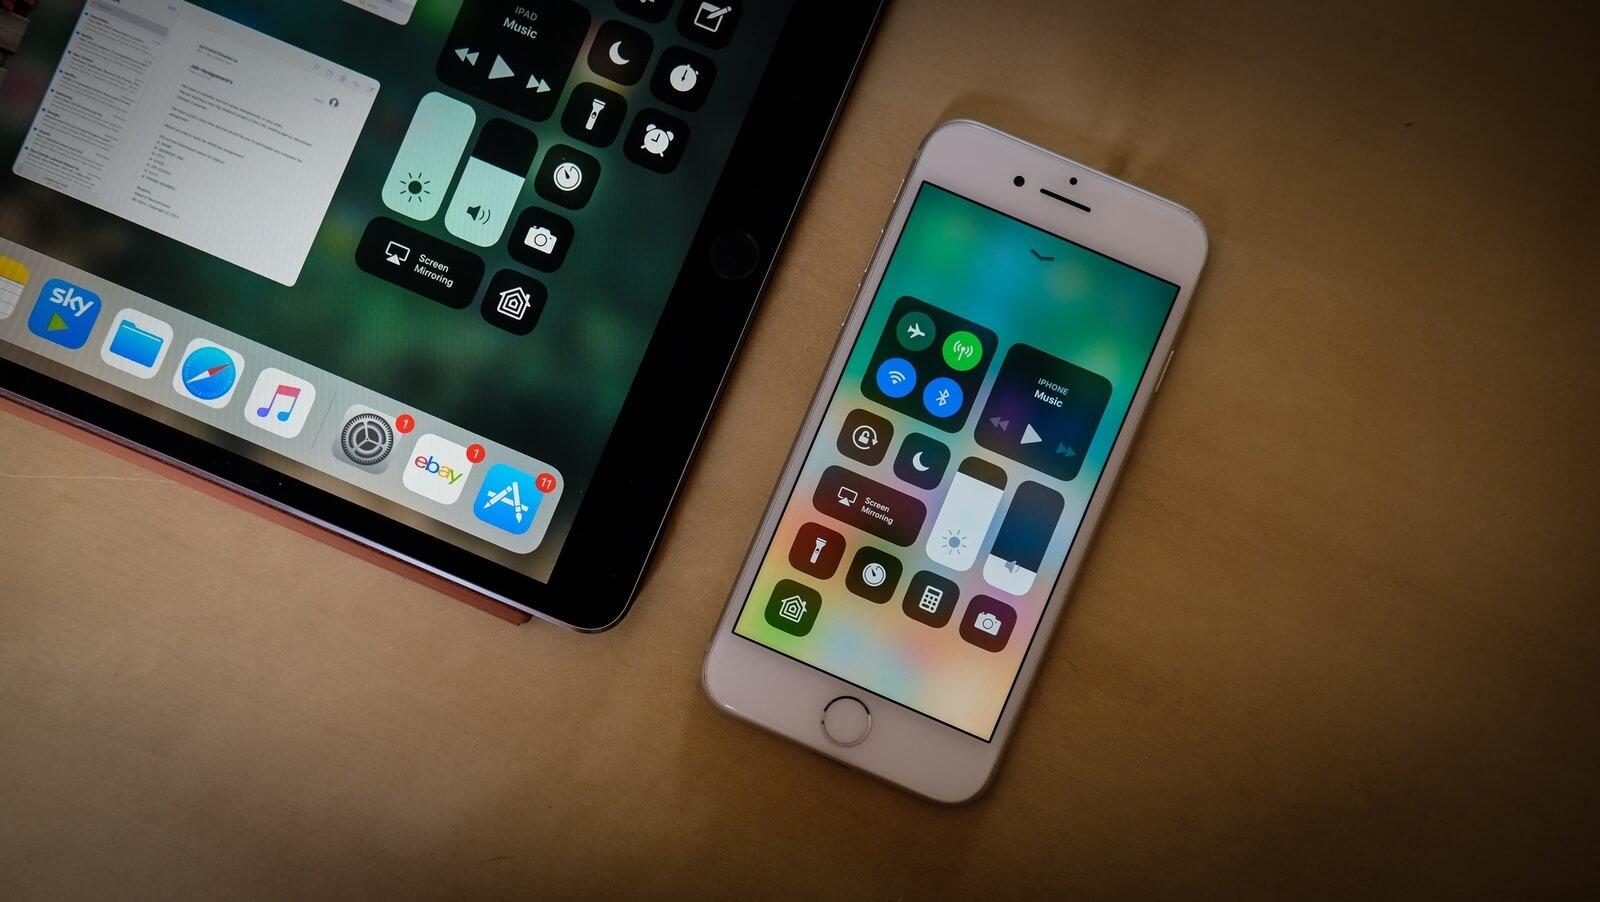 Вышли третьи бета-версии iOS 11.3, macOS 10.13.4 и tvOS 11.3